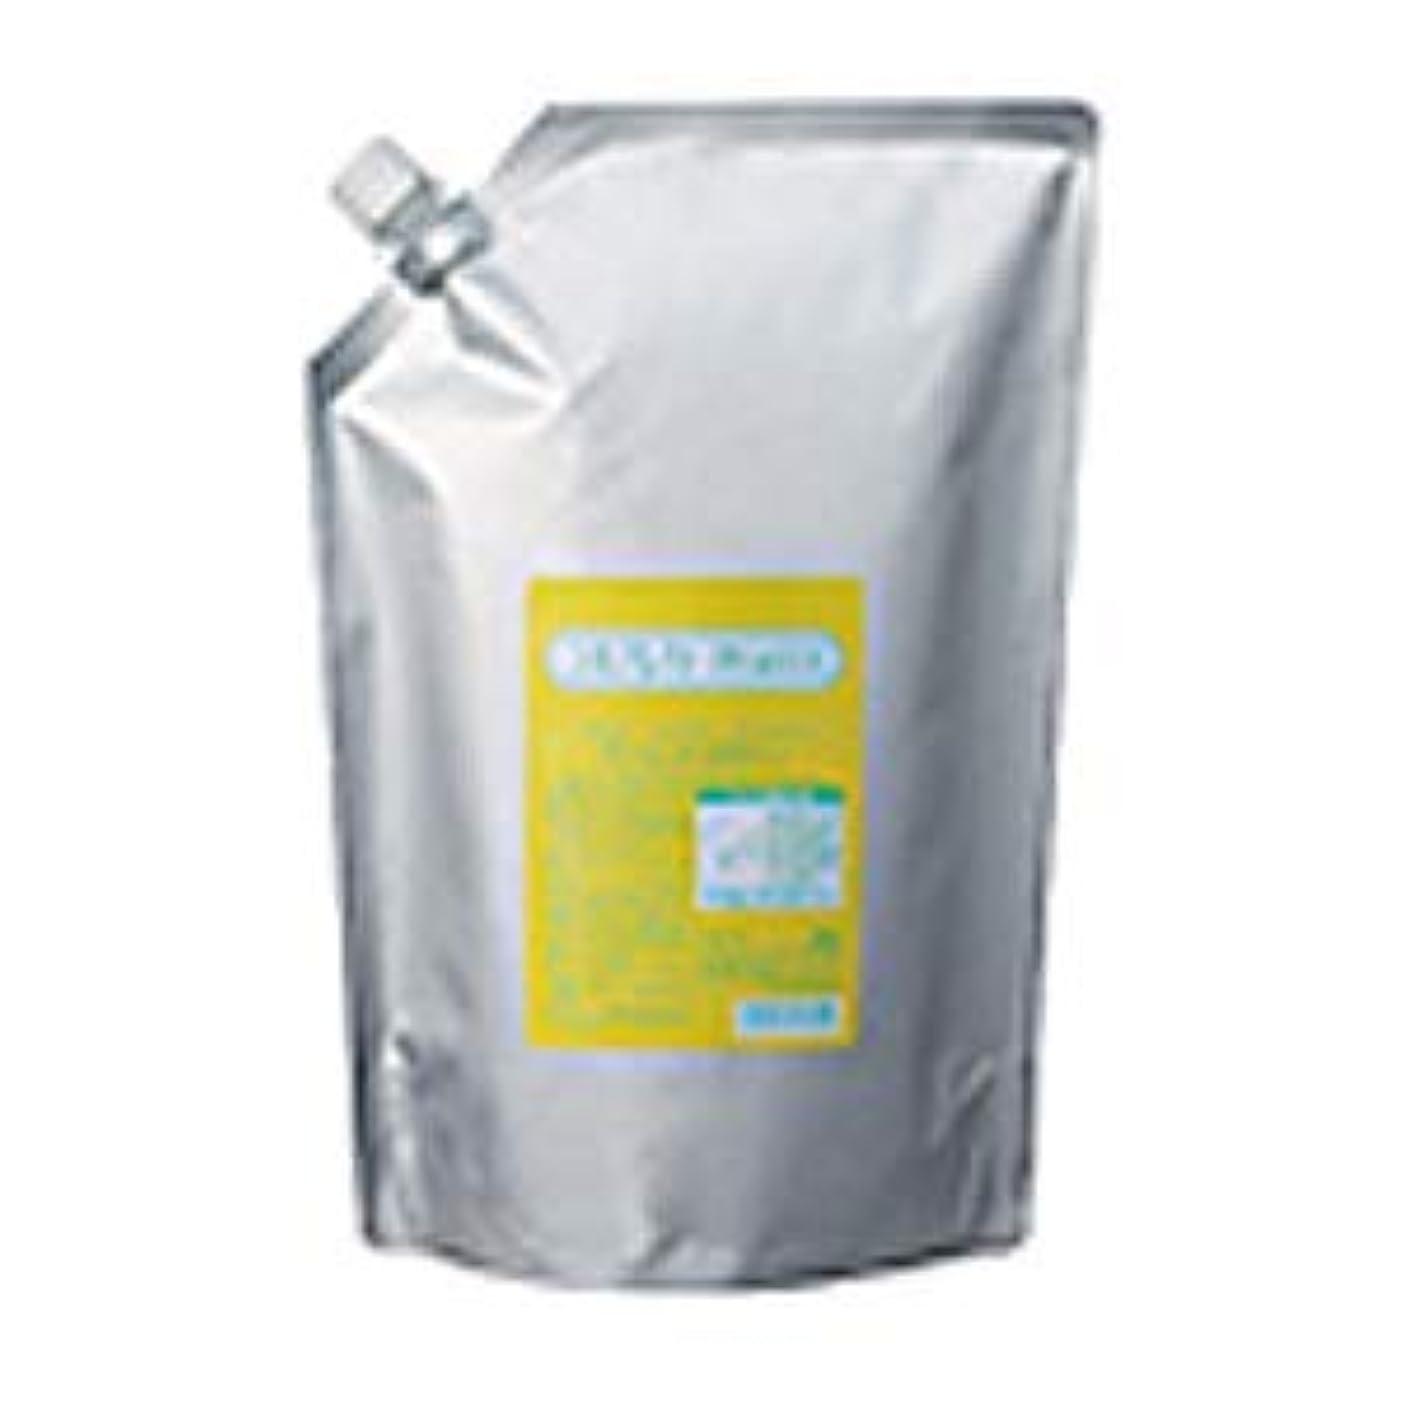 アルカイック流用する溶けたクラシエ シルクレディクリームリンス 2500mL 詰替え用